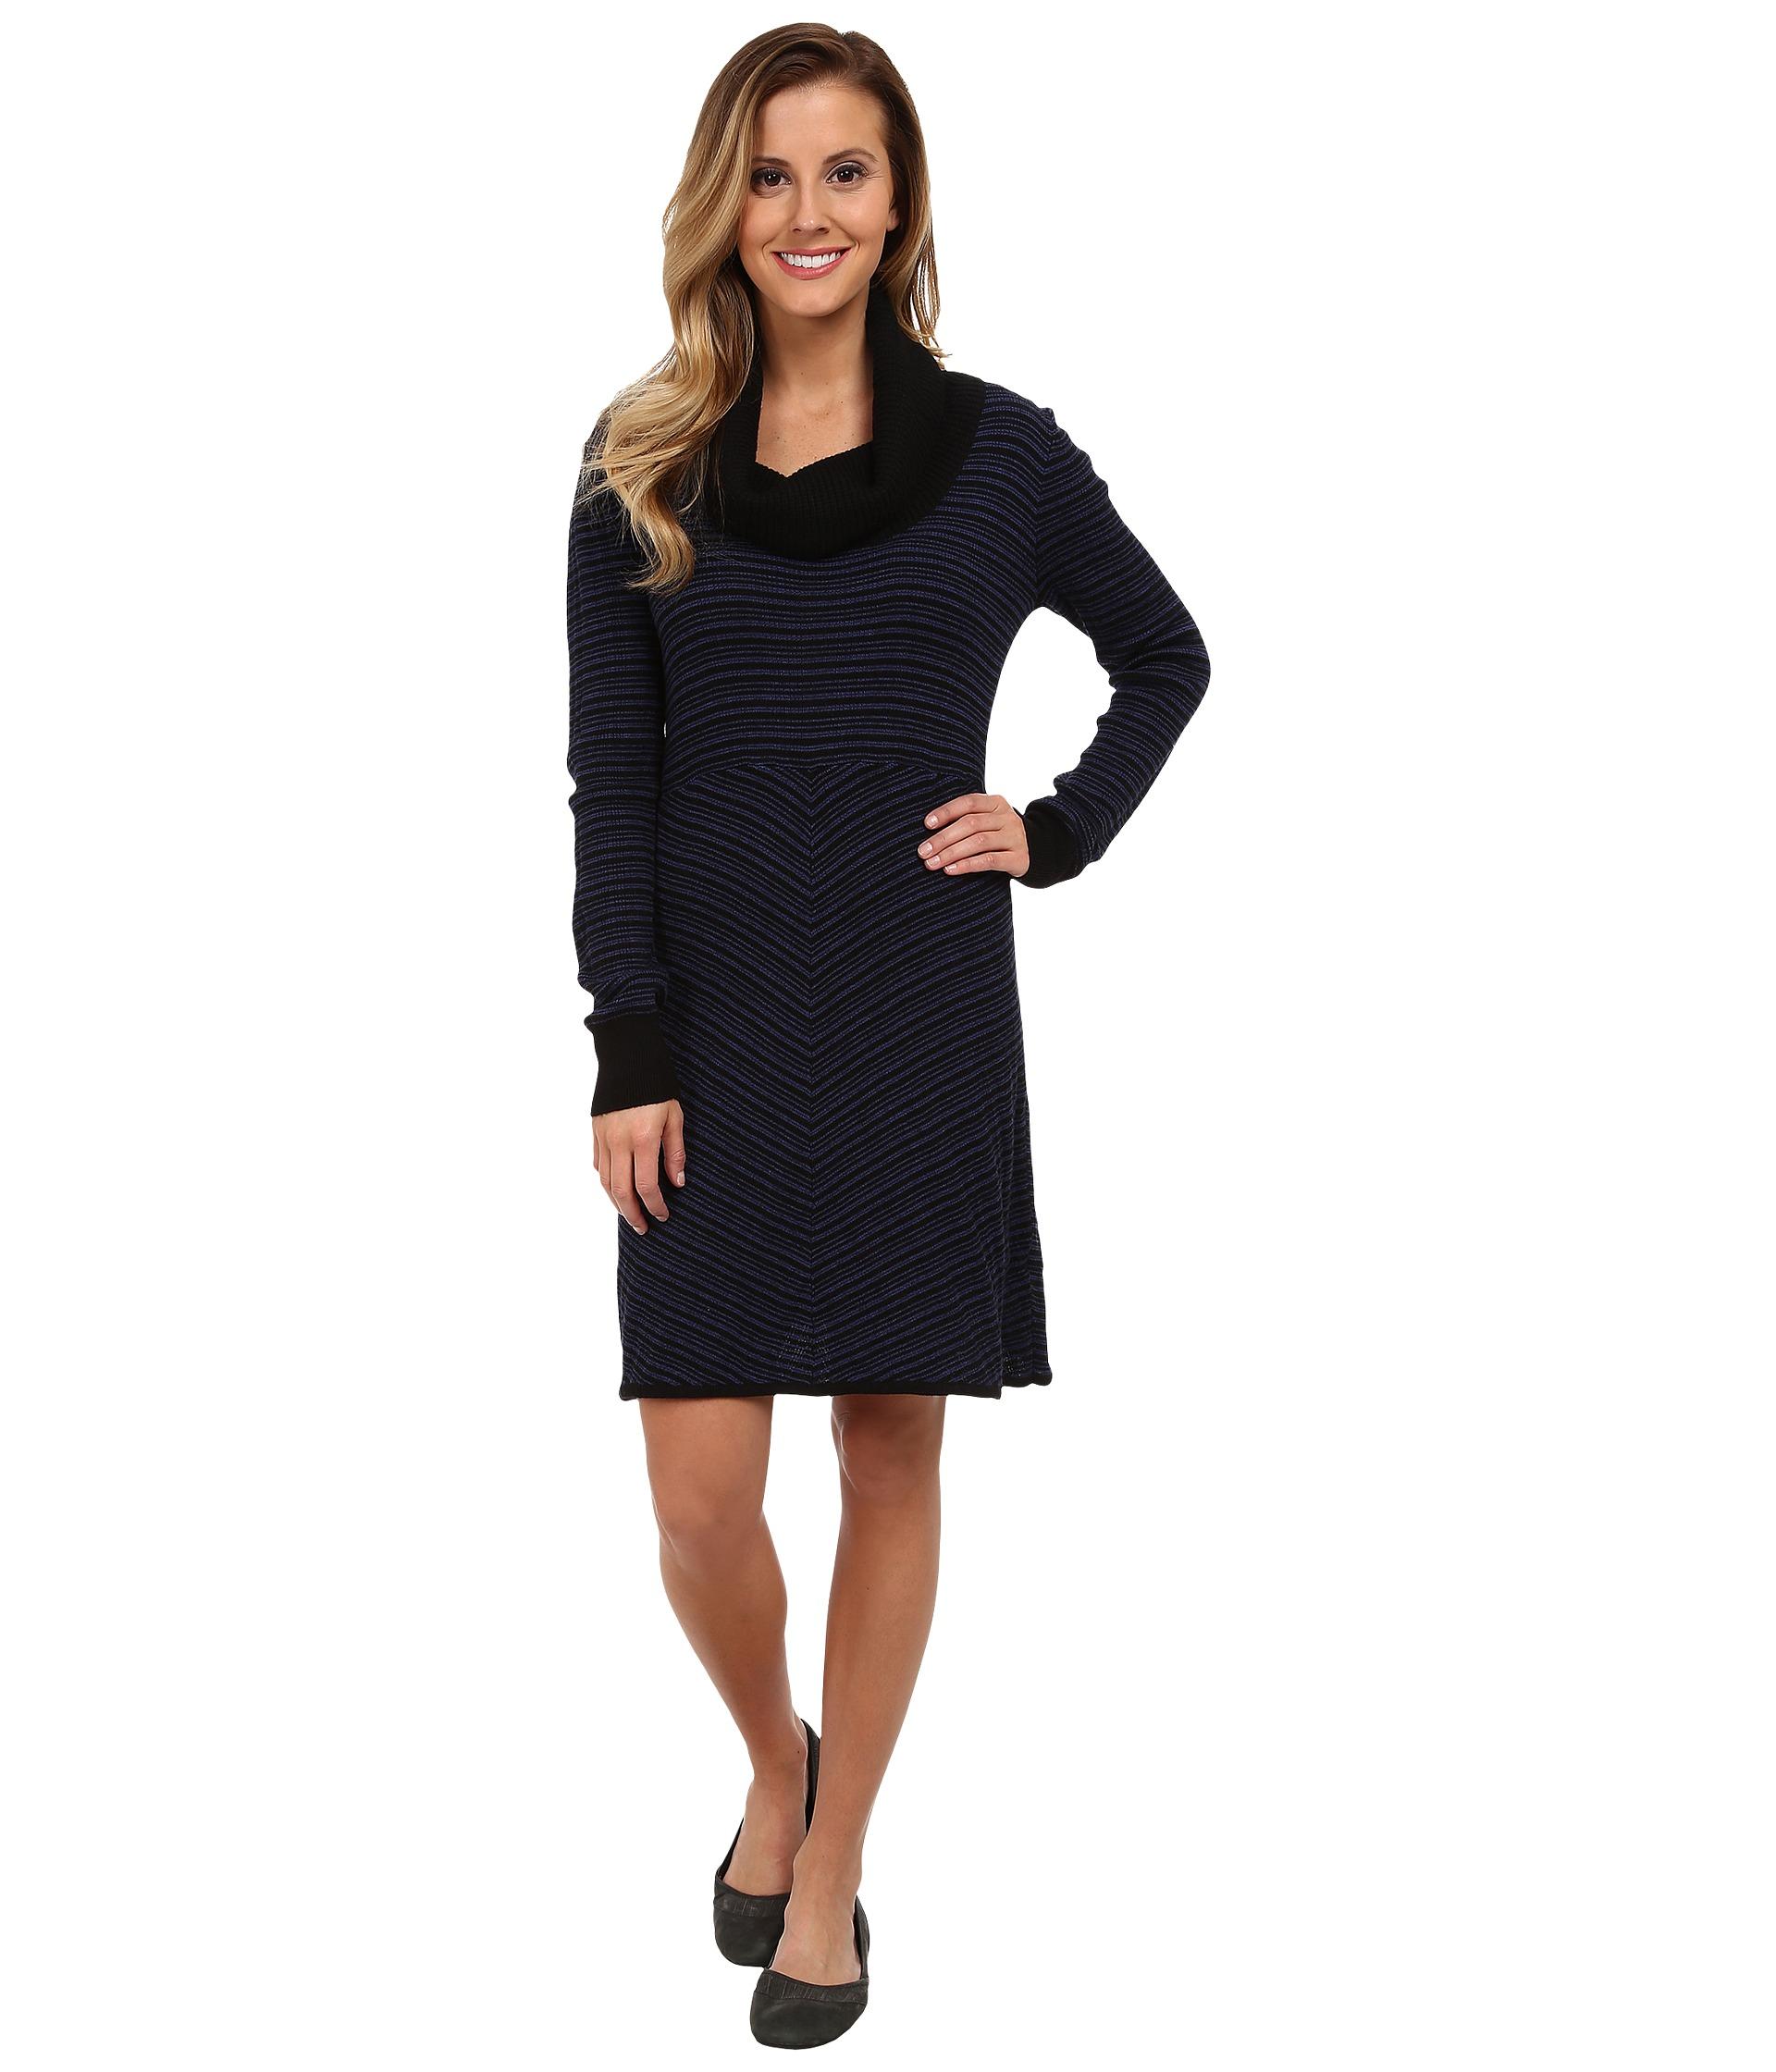 Prana Monica Sweater Dress - 6pm.com